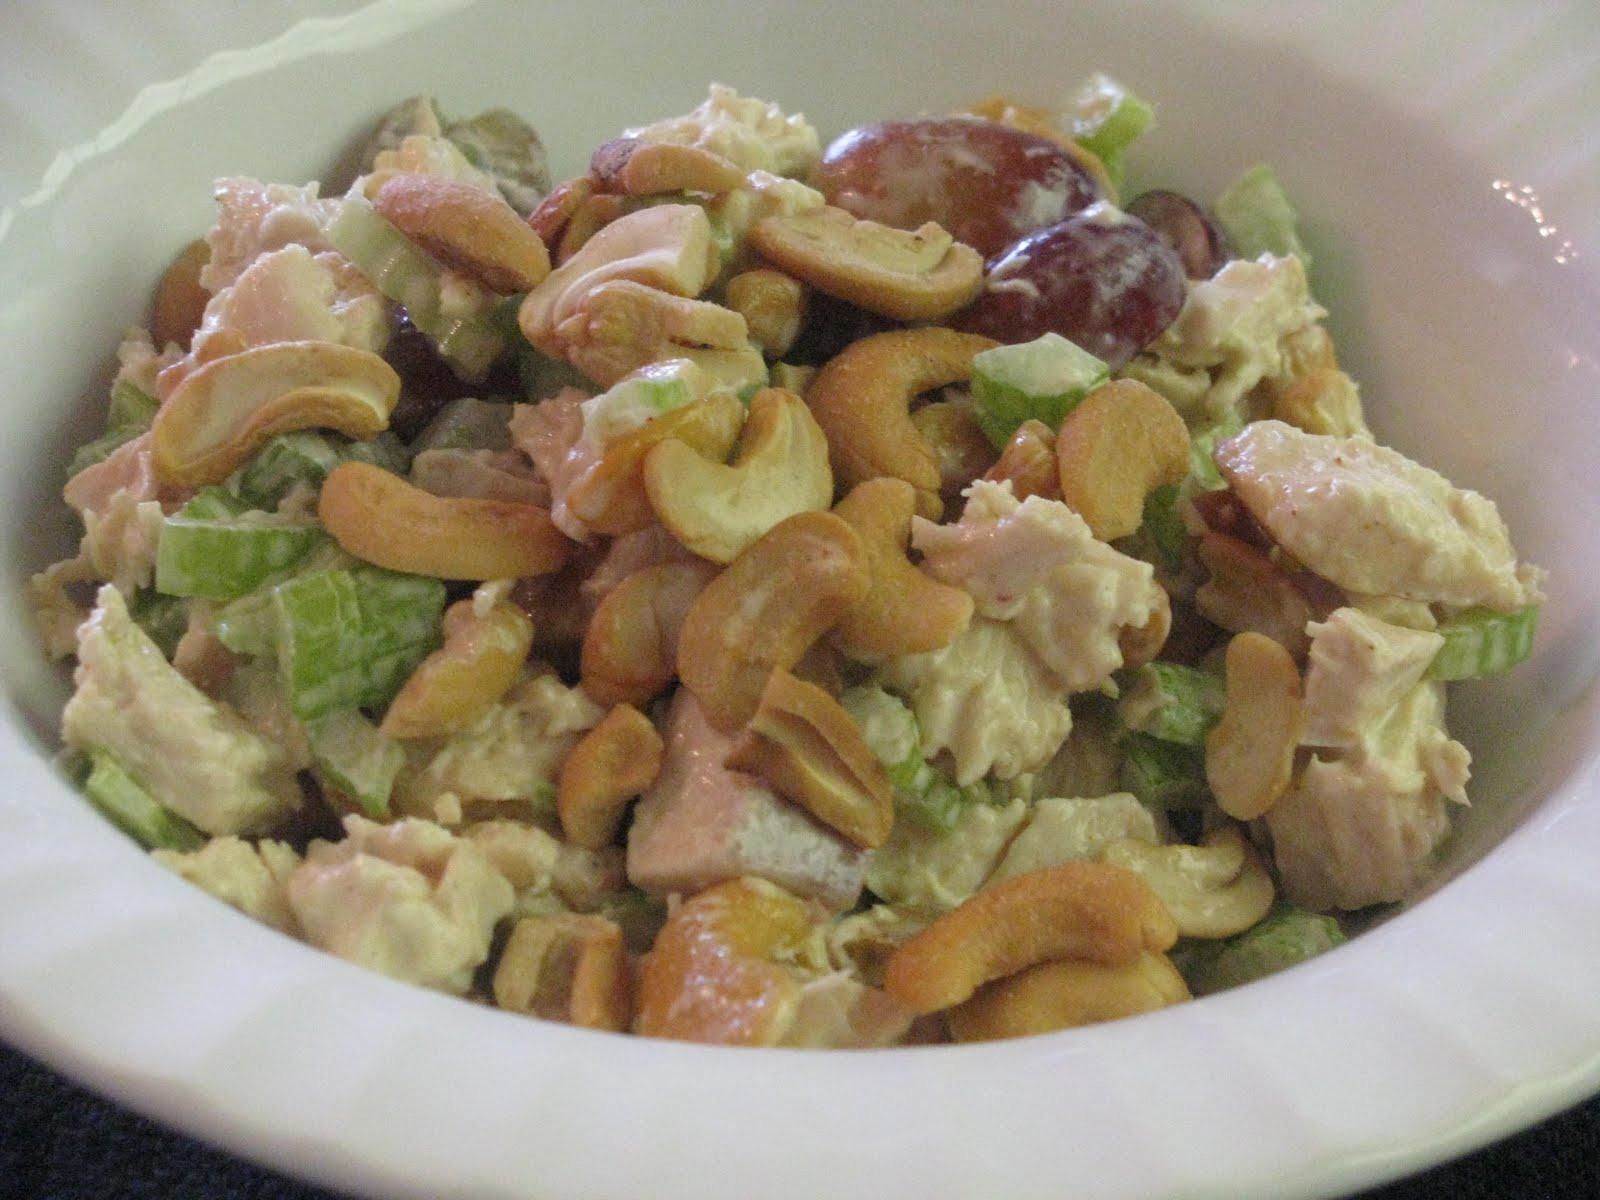 Cashew Chicken Salad  Shamrocks and Shenanigans CN s Cashew Chicken Salad Recipe